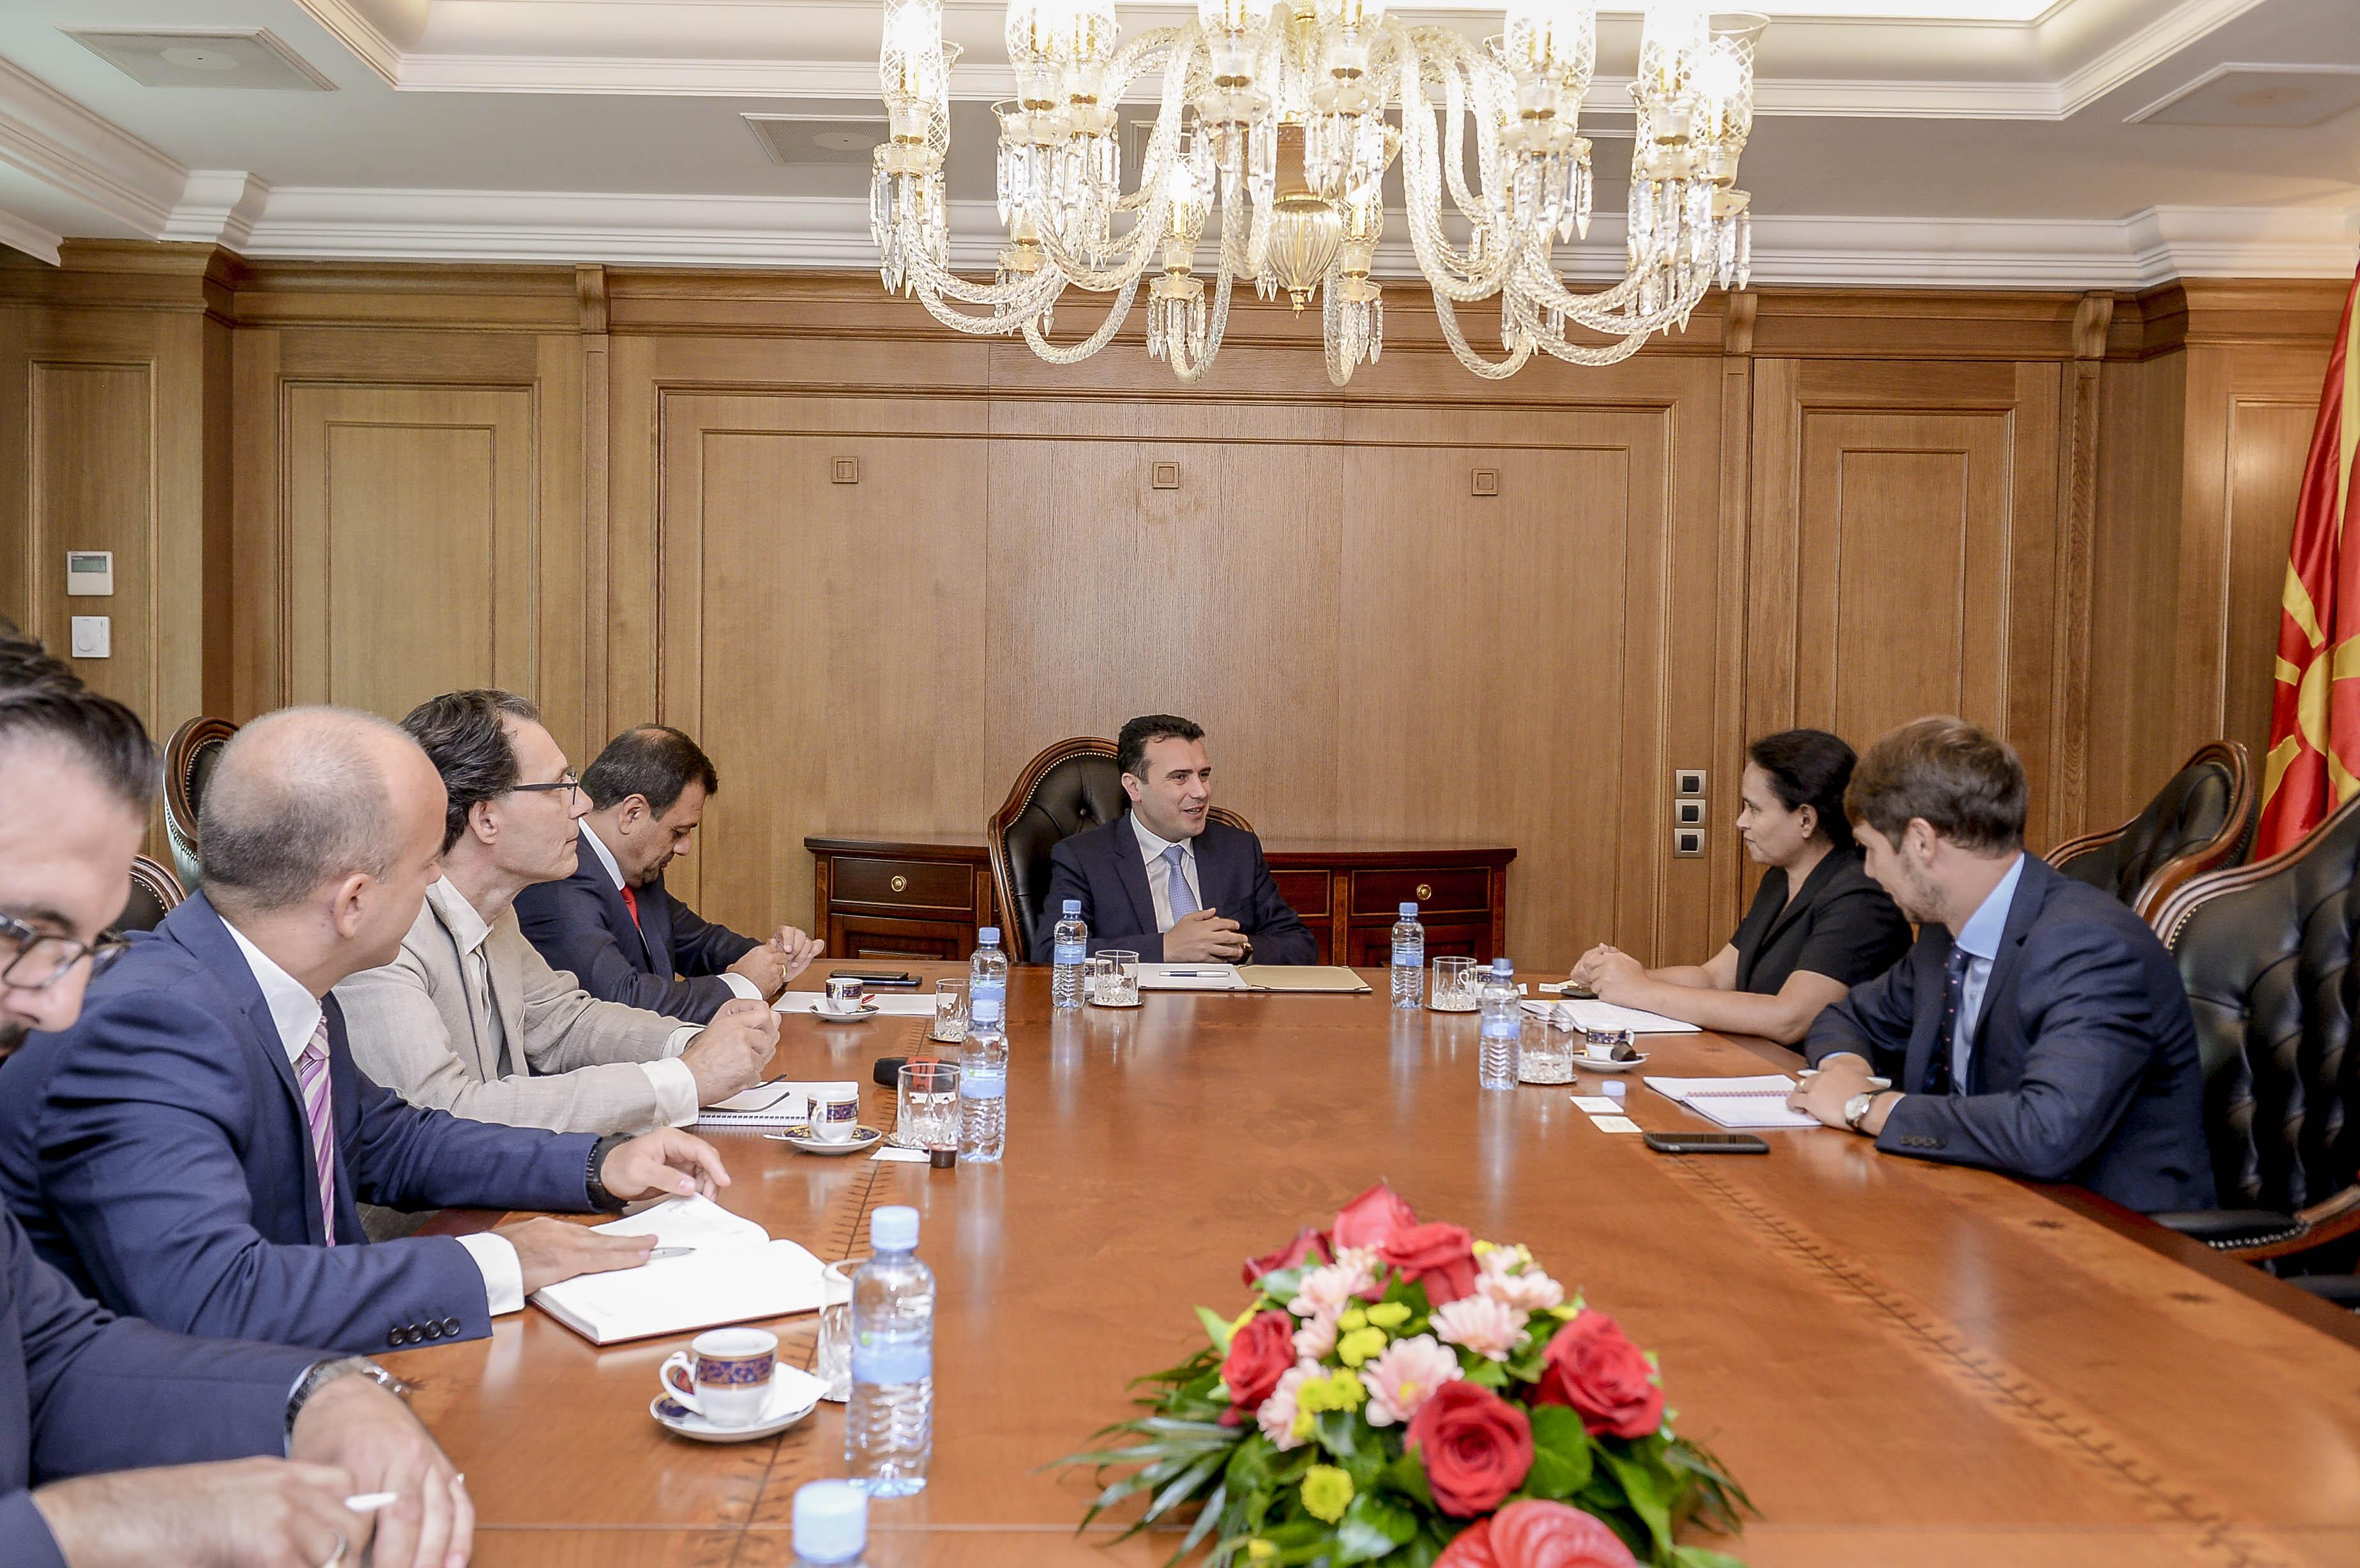 Средба Заев Рахман  Создаваме услови за економски развој низ одржлива финансиска стабилност на државата